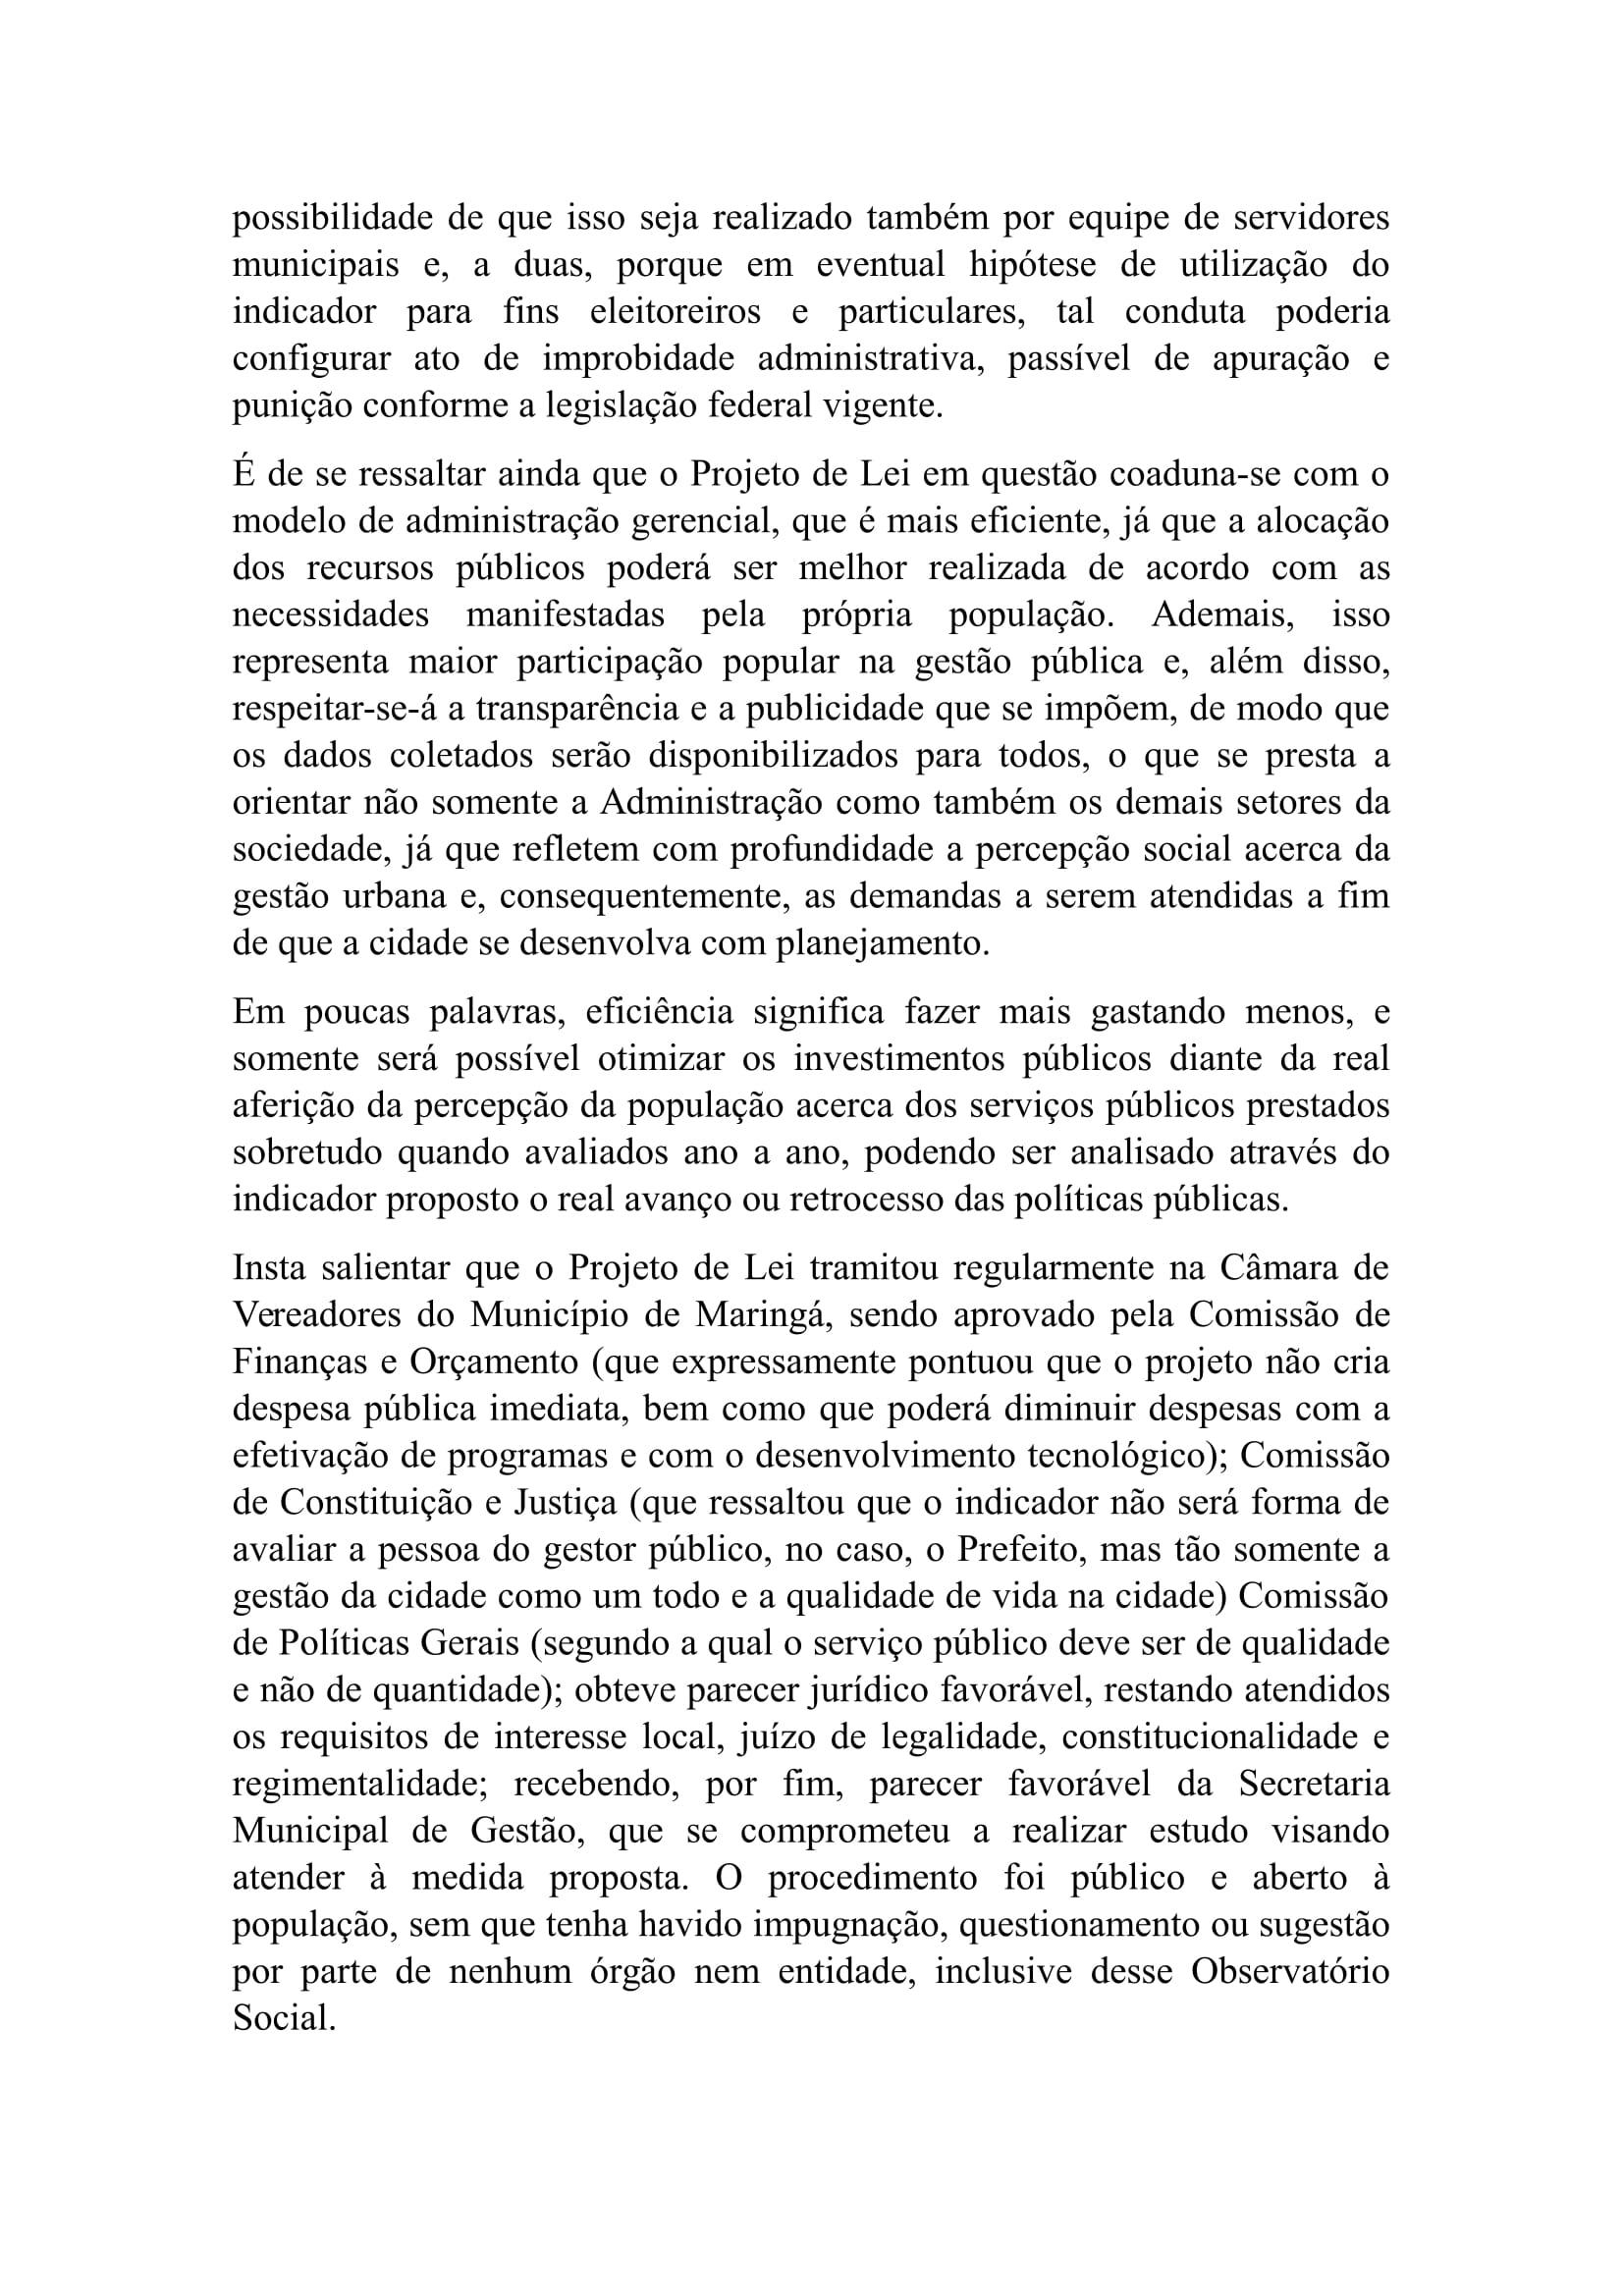 Nota do Vereador Sidnei Telles